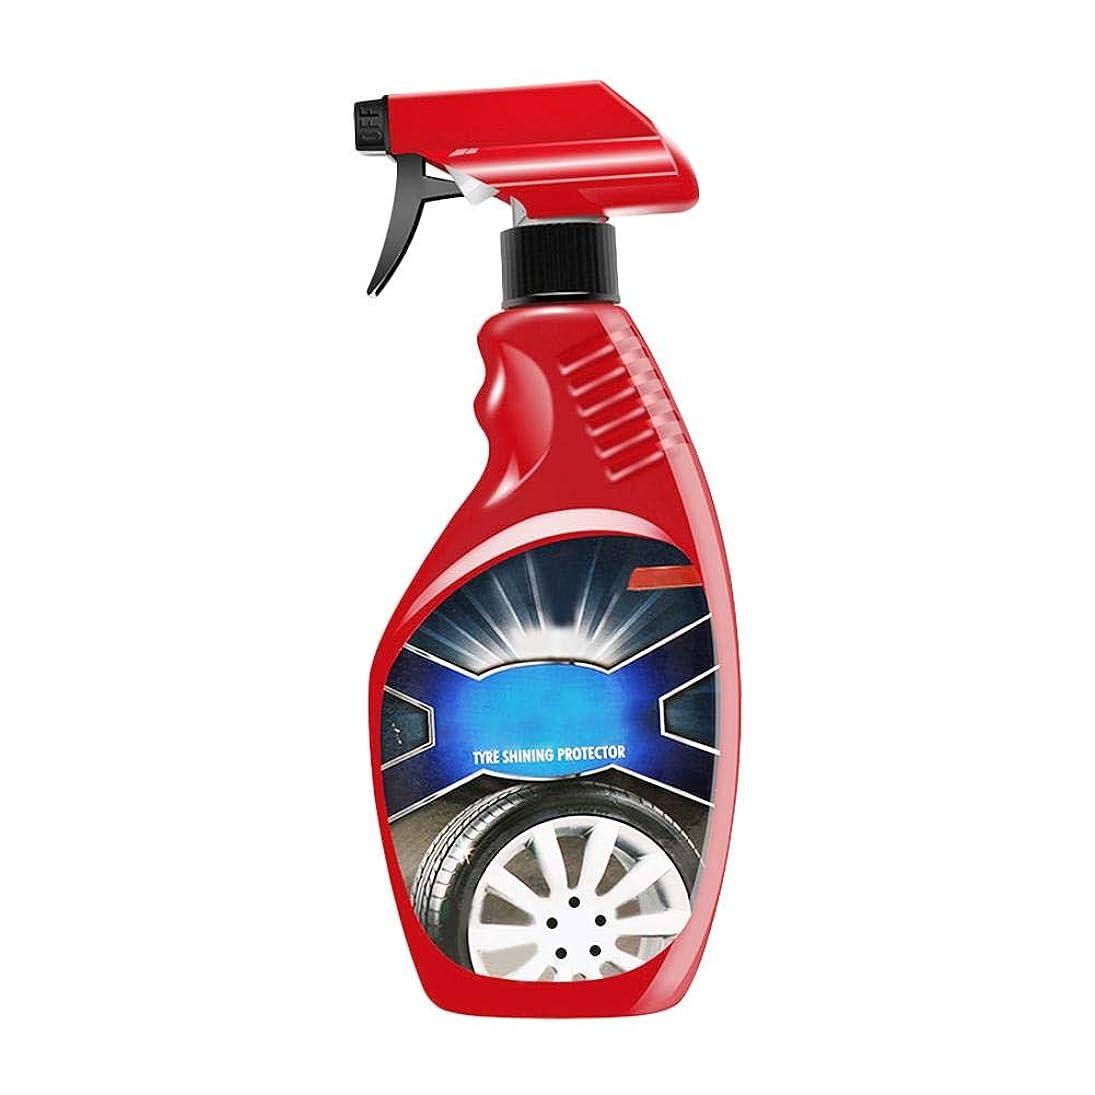 のり過敏な気味の悪いタイヤクリーニング タイヤコーティング剤 タイヤ保護剤 タイヤコーティング剤 高輝度タイヤプロテクタータイヤクリーニング/クリーニング窓ガラス亀裂